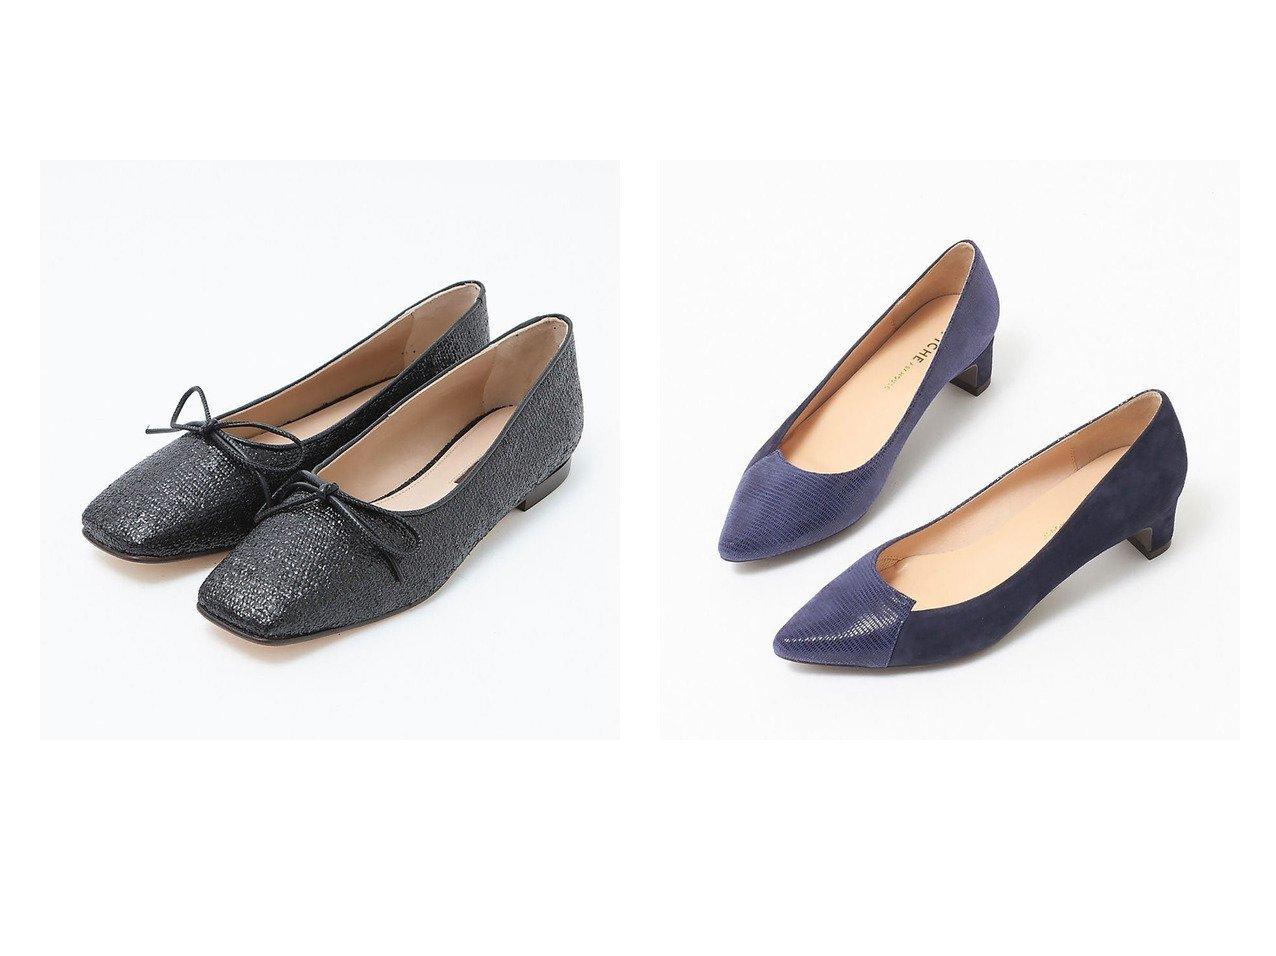 【Piche Abahouse/ピシェ アバハウス】のアシンメトリーポインテッドパンプス&ペリーコサニー スクエアトゥ バレエシューズ シューズ・靴のおすすめ!人気、トレンド・レディースファッションの通販 おすすめで人気の流行・トレンド、ファッションの通販商品 メンズファッション・キッズファッション・インテリア・家具・レディースファッション・服の通販 founy(ファニー) https://founy.com/ ファッション Fashion レディースファッション WOMEN A/W 秋冬 AW Autumn/Winter / FW Fall-Winter S/S 春夏 SS Spring/Summer コレクション サンダル シューズ シンプル ジュート バレエ 春 Spring イエロー クッション フィット  ID:crp329100000016106